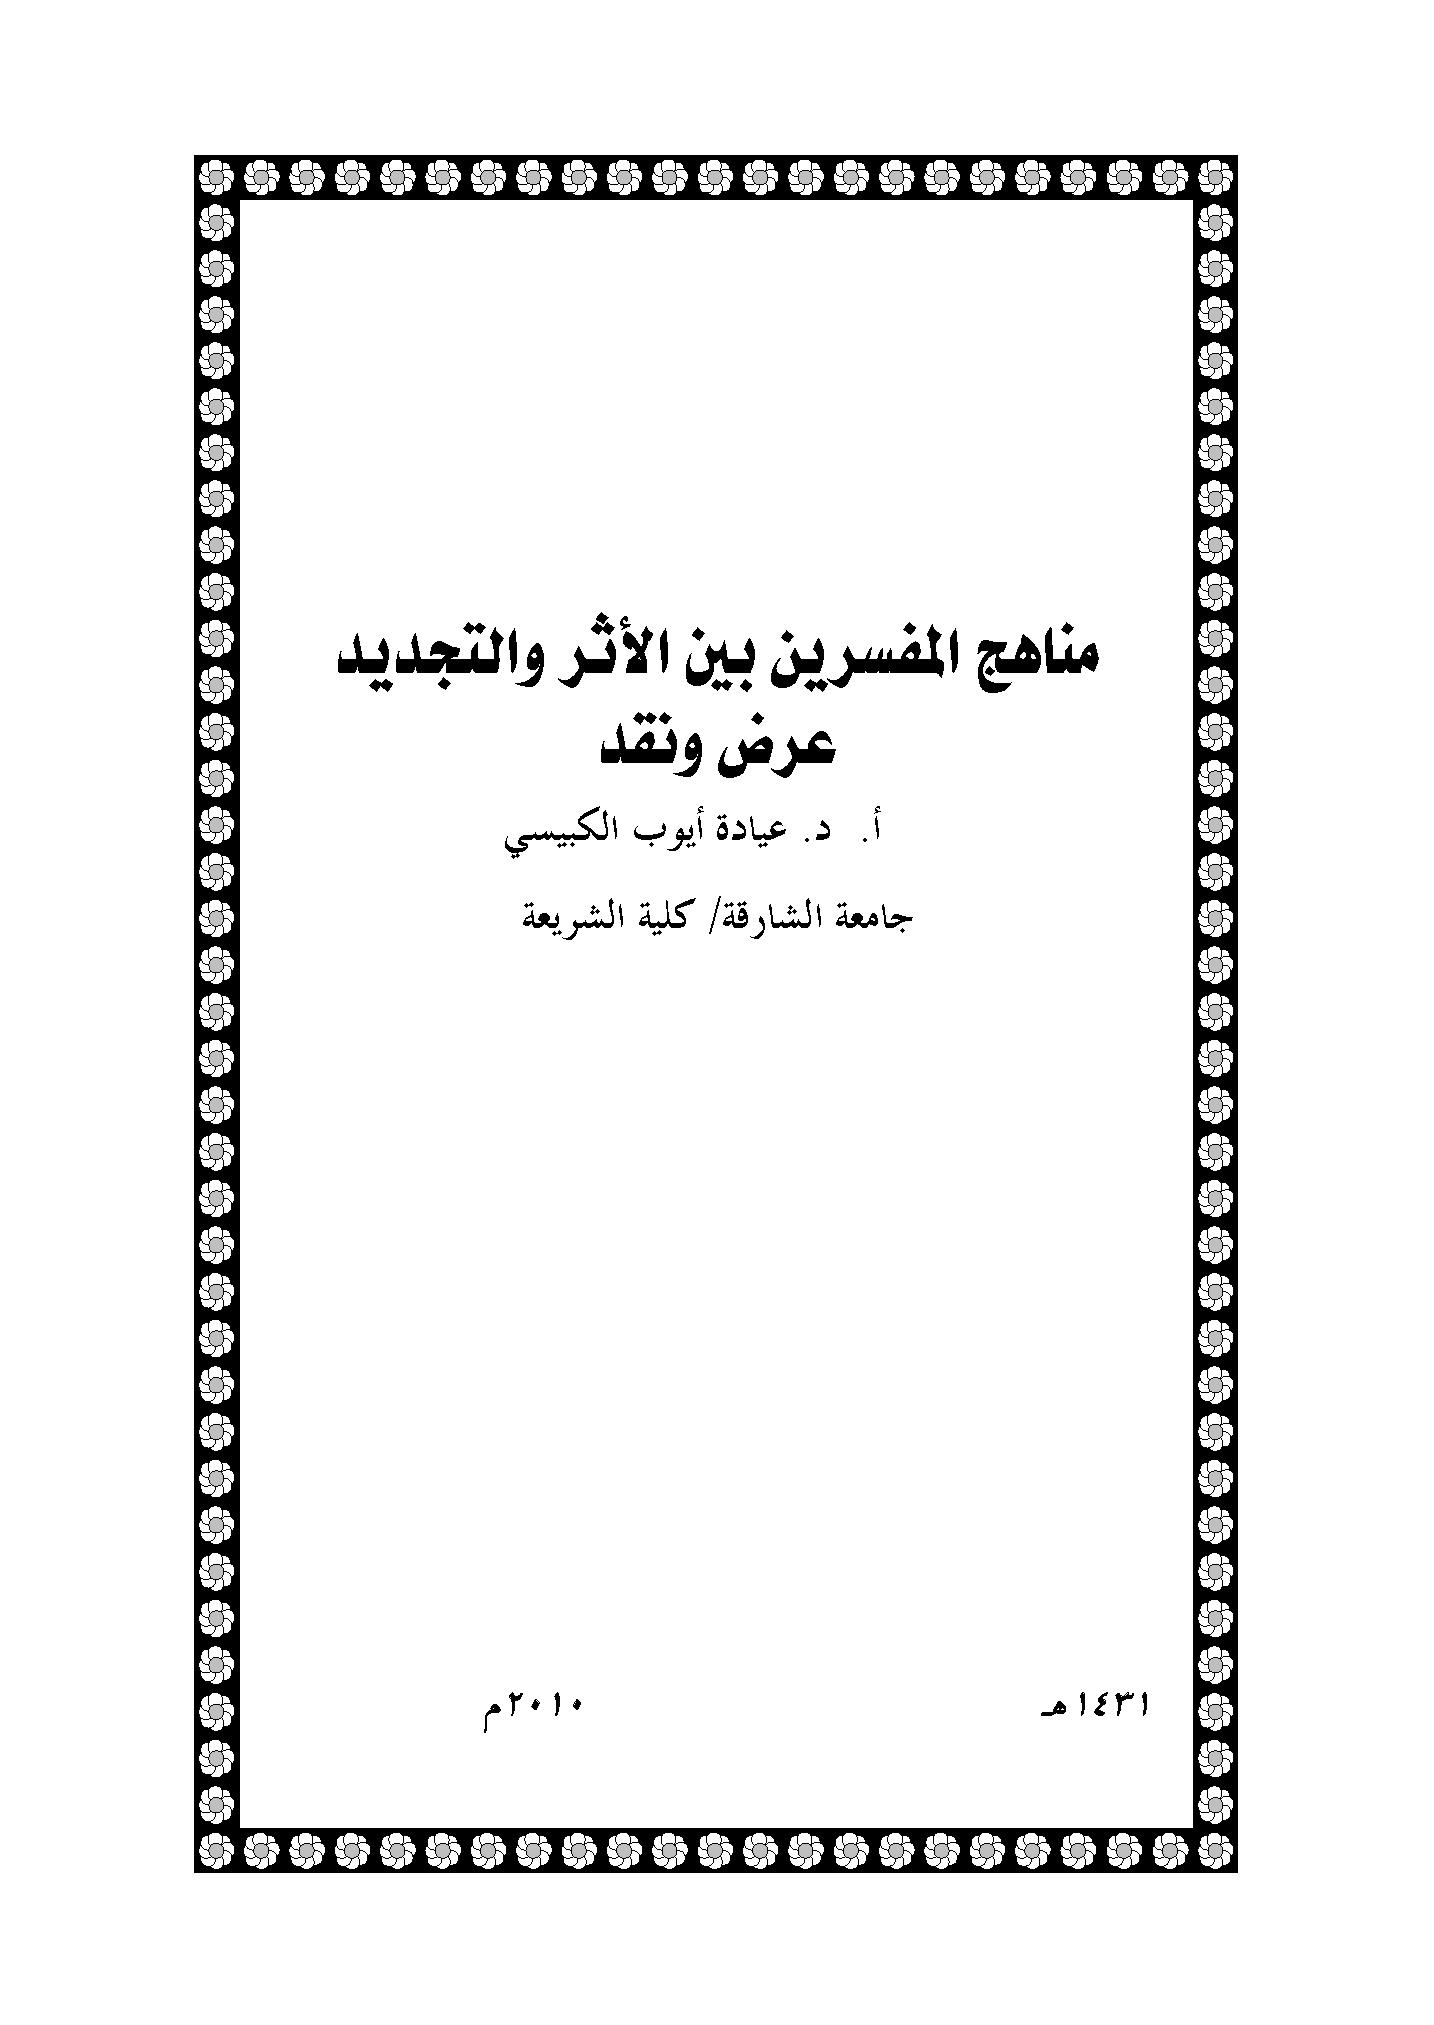 تحميل كتاب مناهج المفسرين بين الأثر والتجديد (عرض ونقد) لـِ: الدكتور عيادة بن أيوب الكبيسي